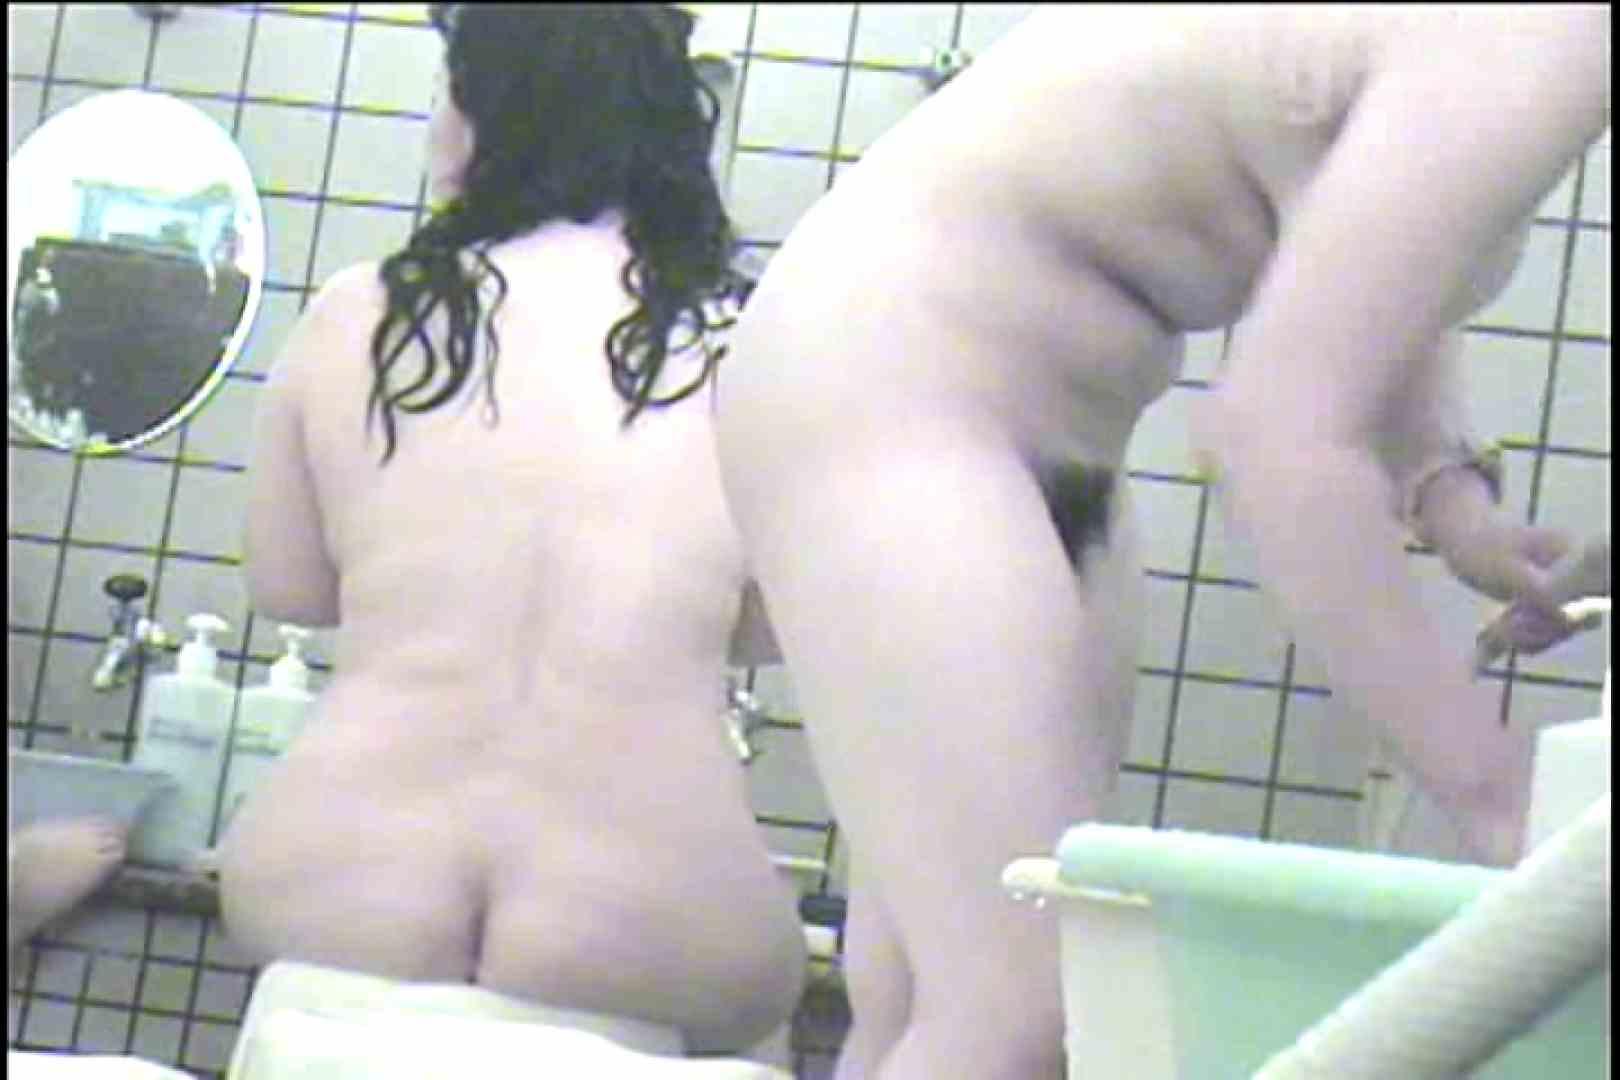 電波カメラ設置浴場からの防HAN映像 Vol.14 OL女体 おまんこ無修正動画無料 78連発 50